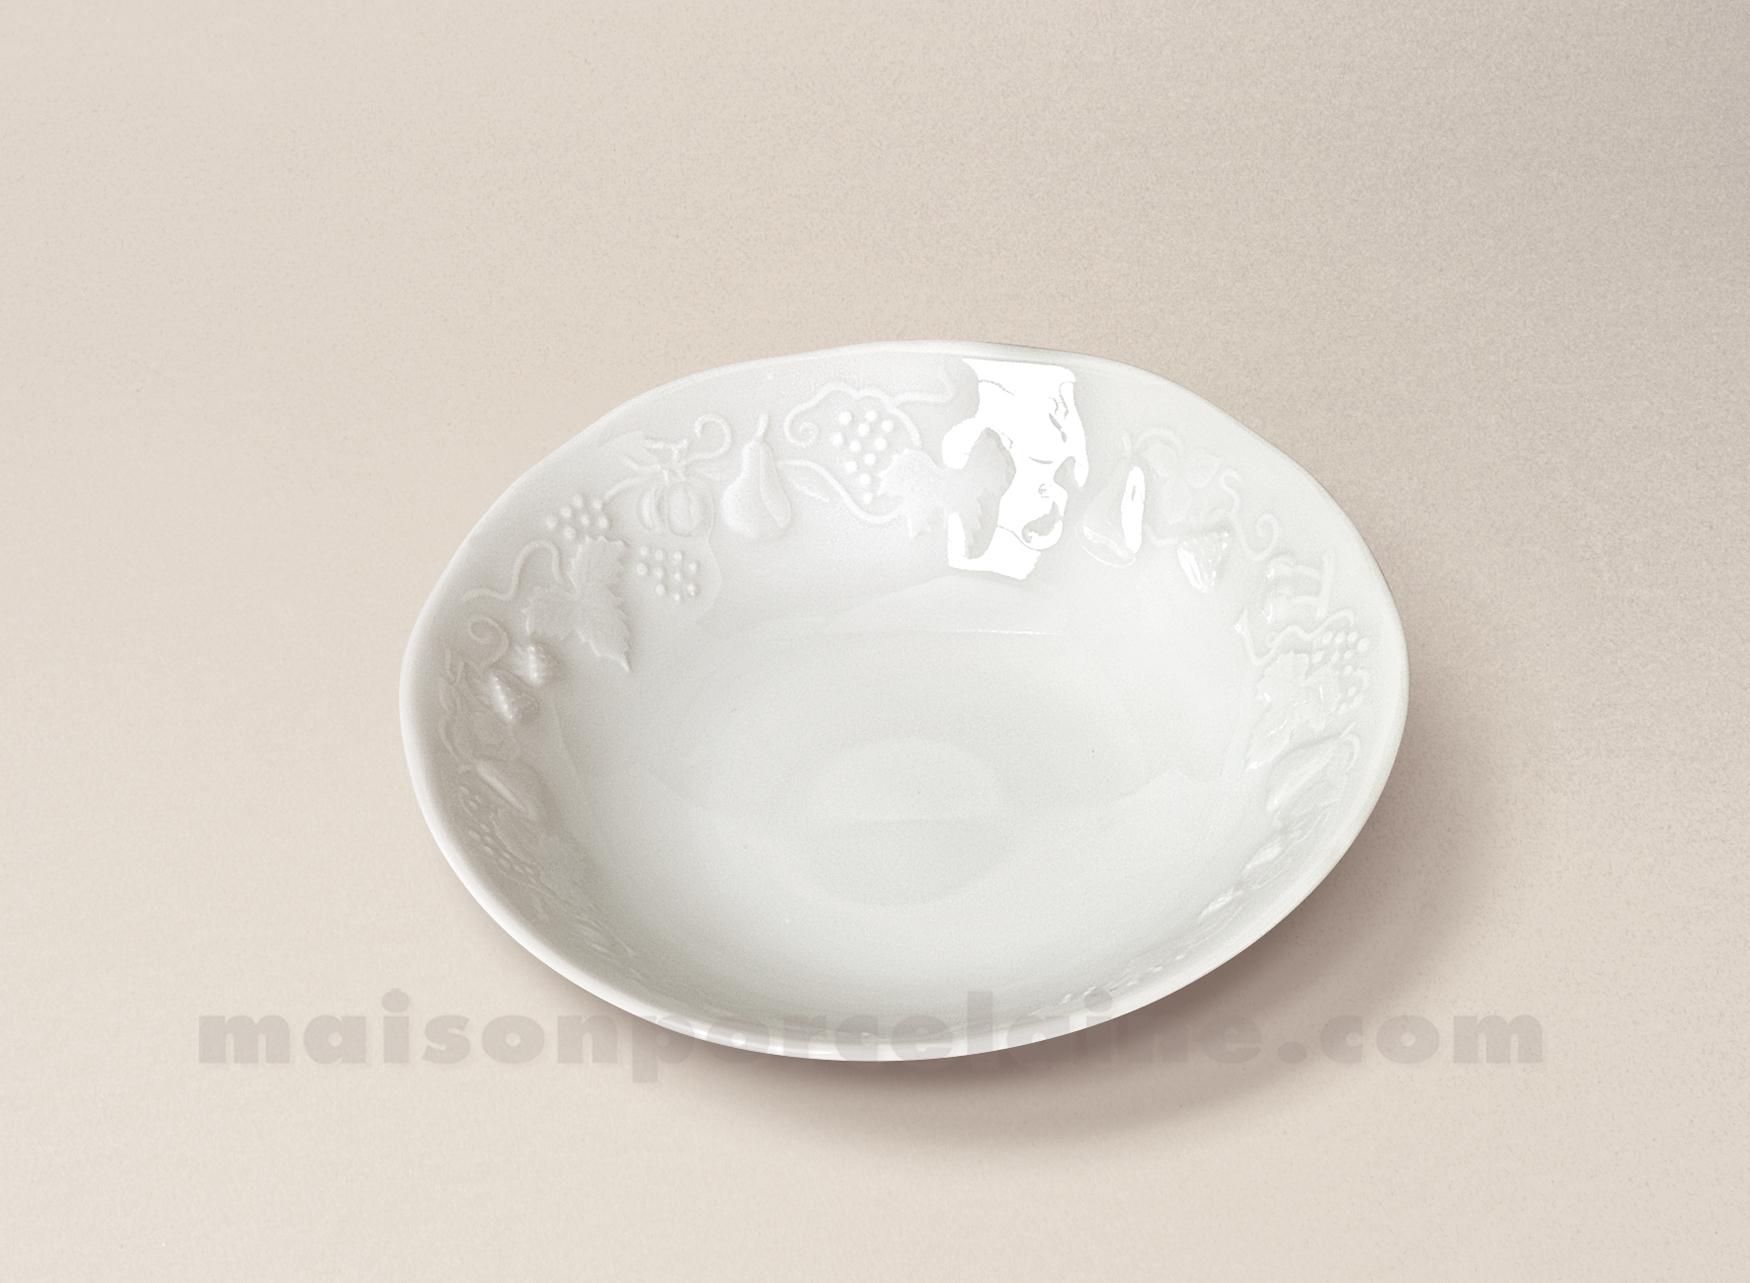 coupelle creme california limoges porcelaine blanche d14 5 maison de la porcelaine. Black Bedroom Furniture Sets. Home Design Ideas